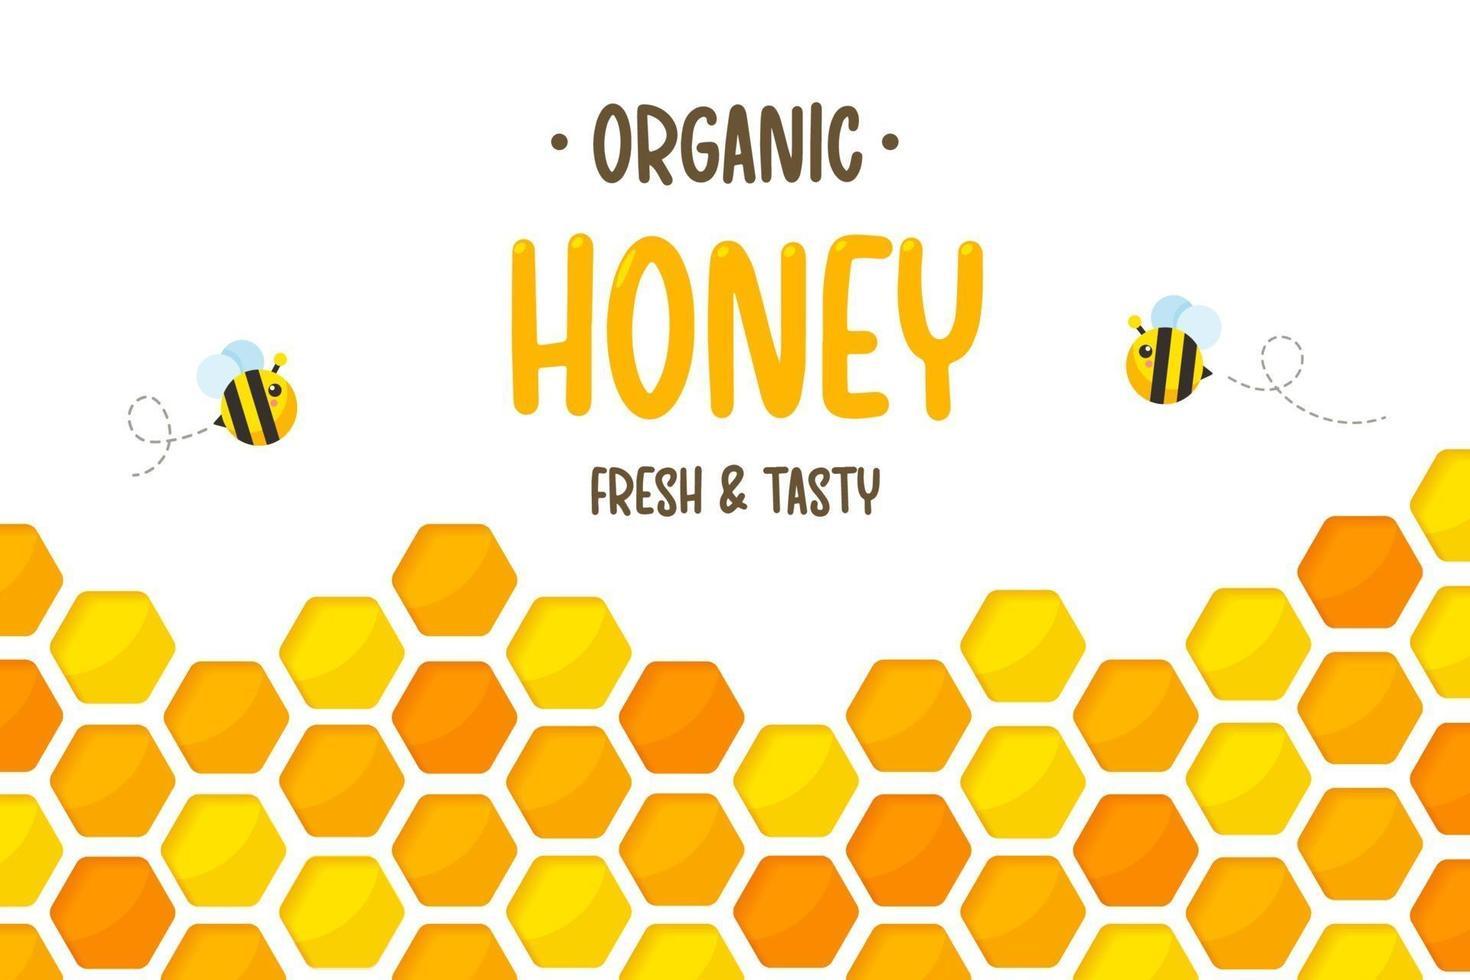 Papier à motif hexagonal en nid d'abeille jaune doré coupé en arrière-plan avec abeille et miel doux à l'intérieur. vecteur